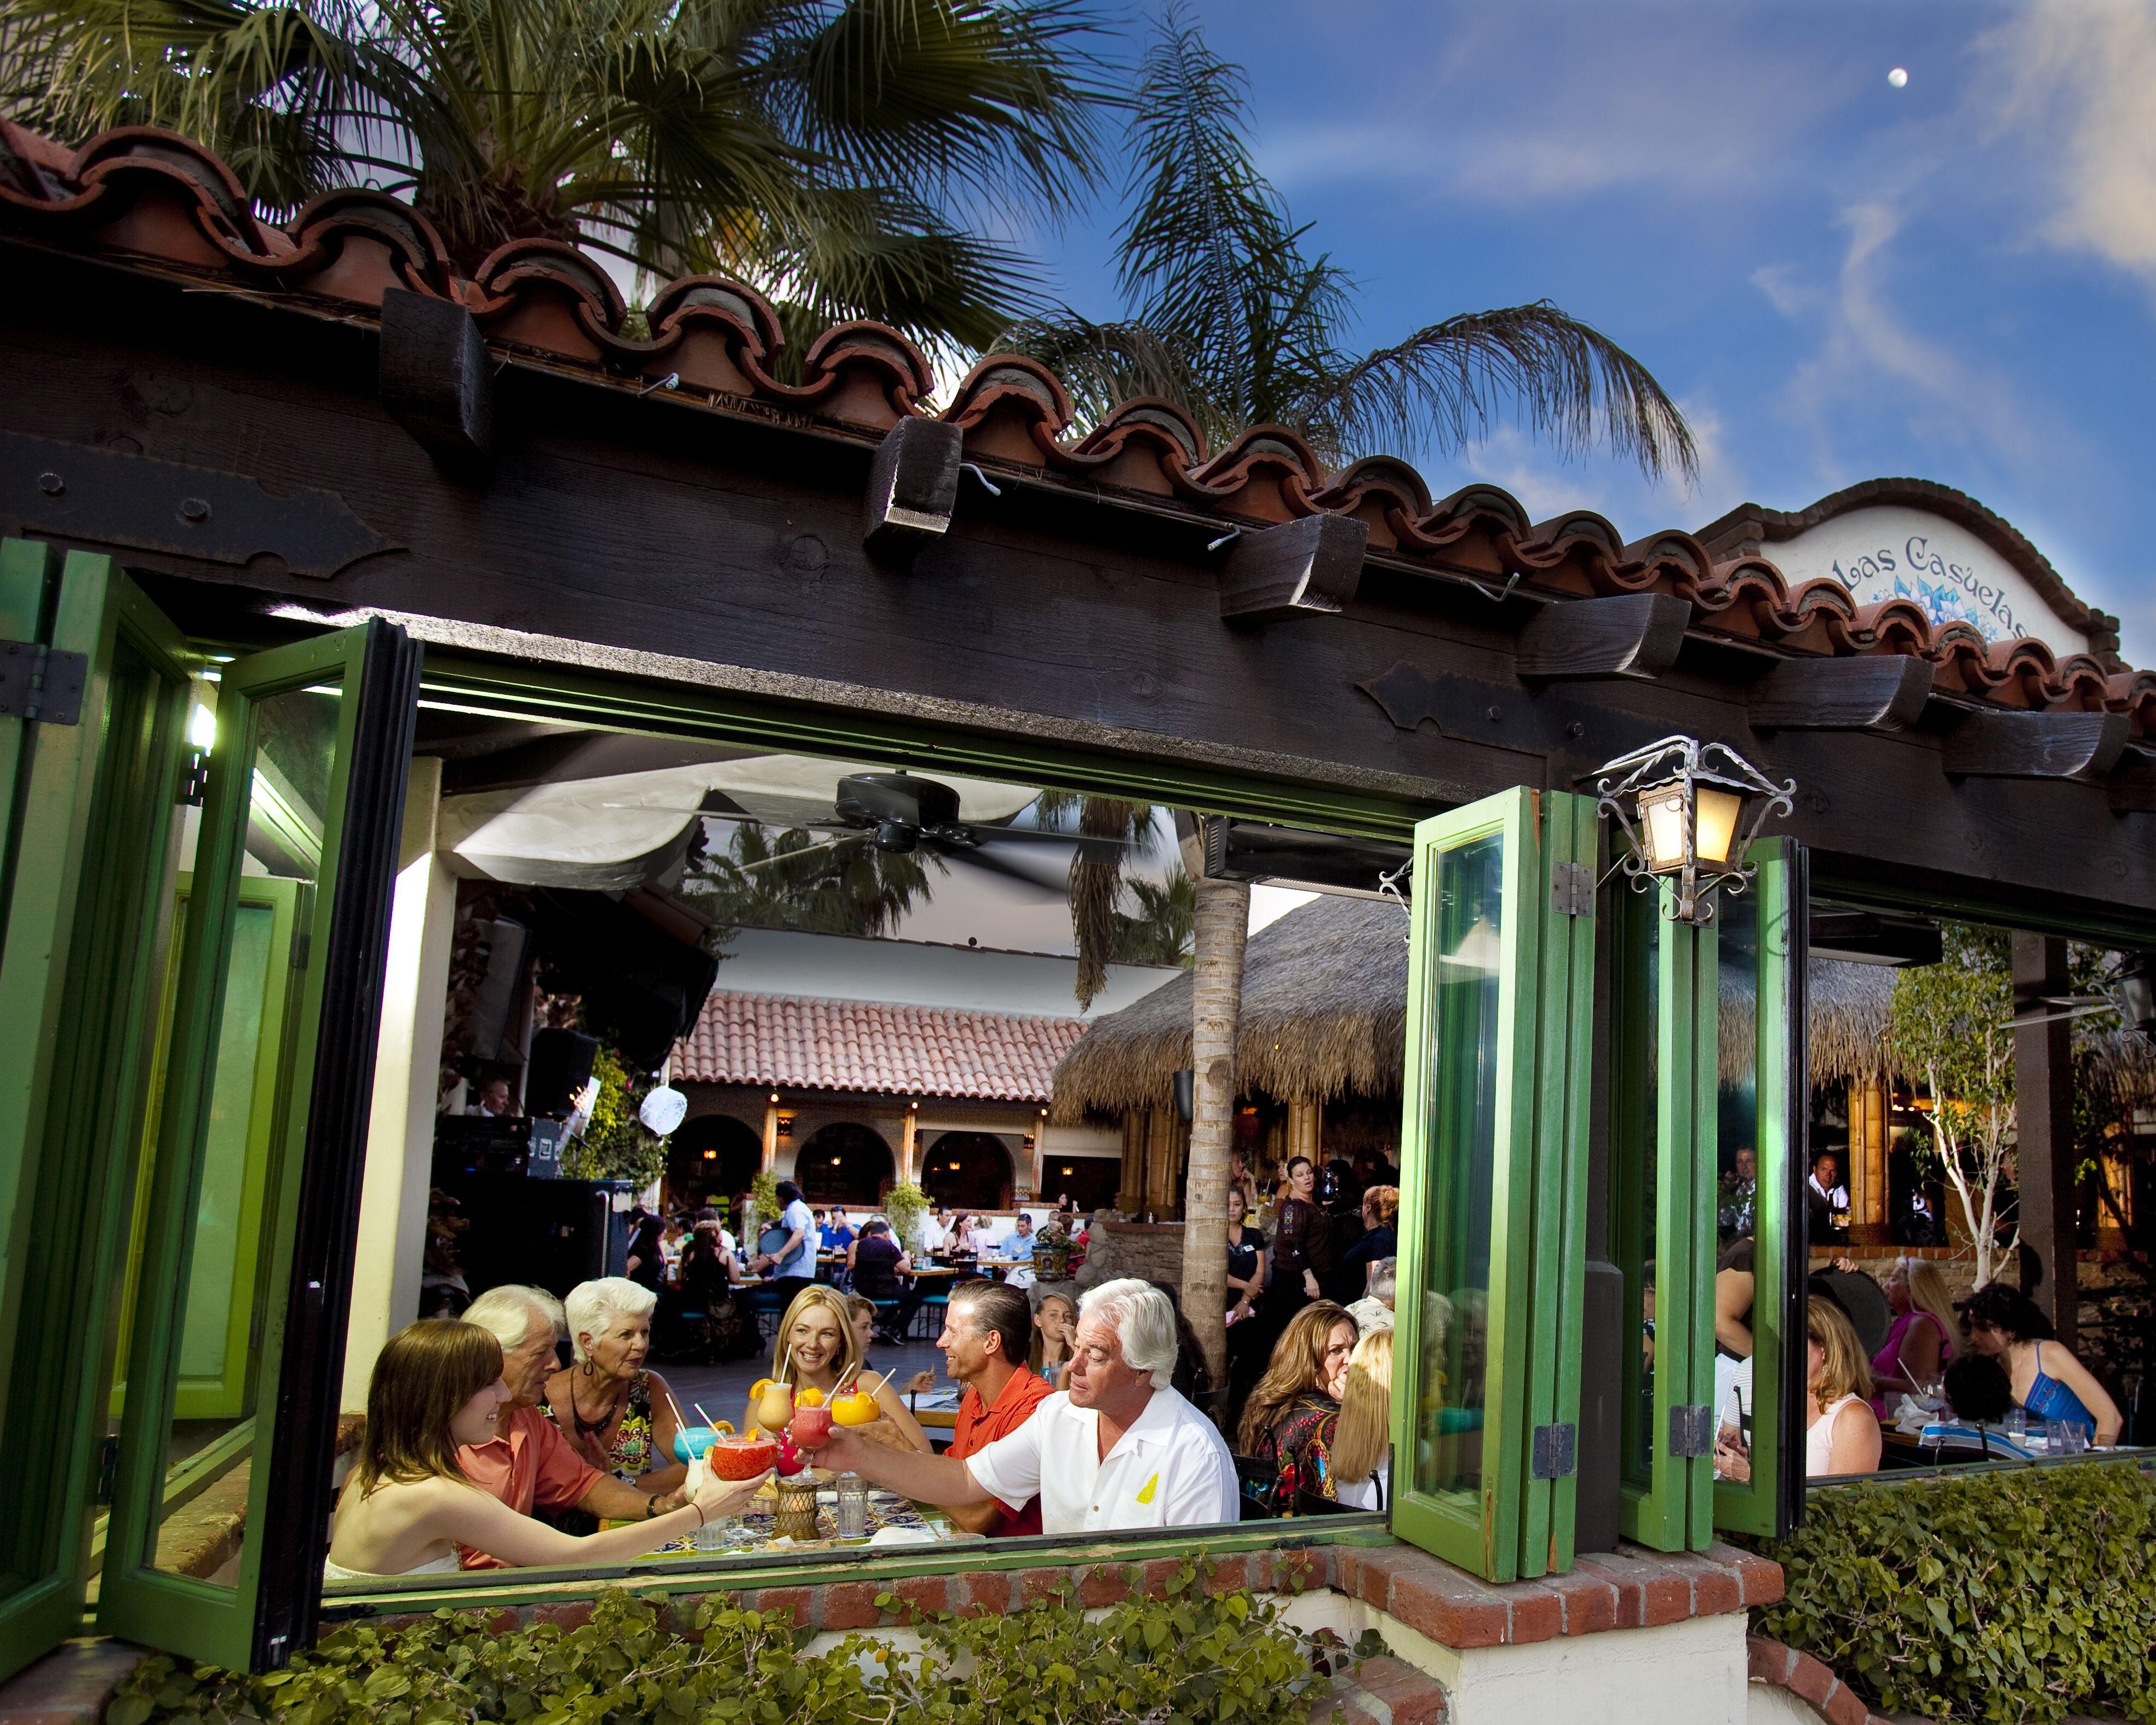 Alfresco dining at las casuelas terraza palm springs